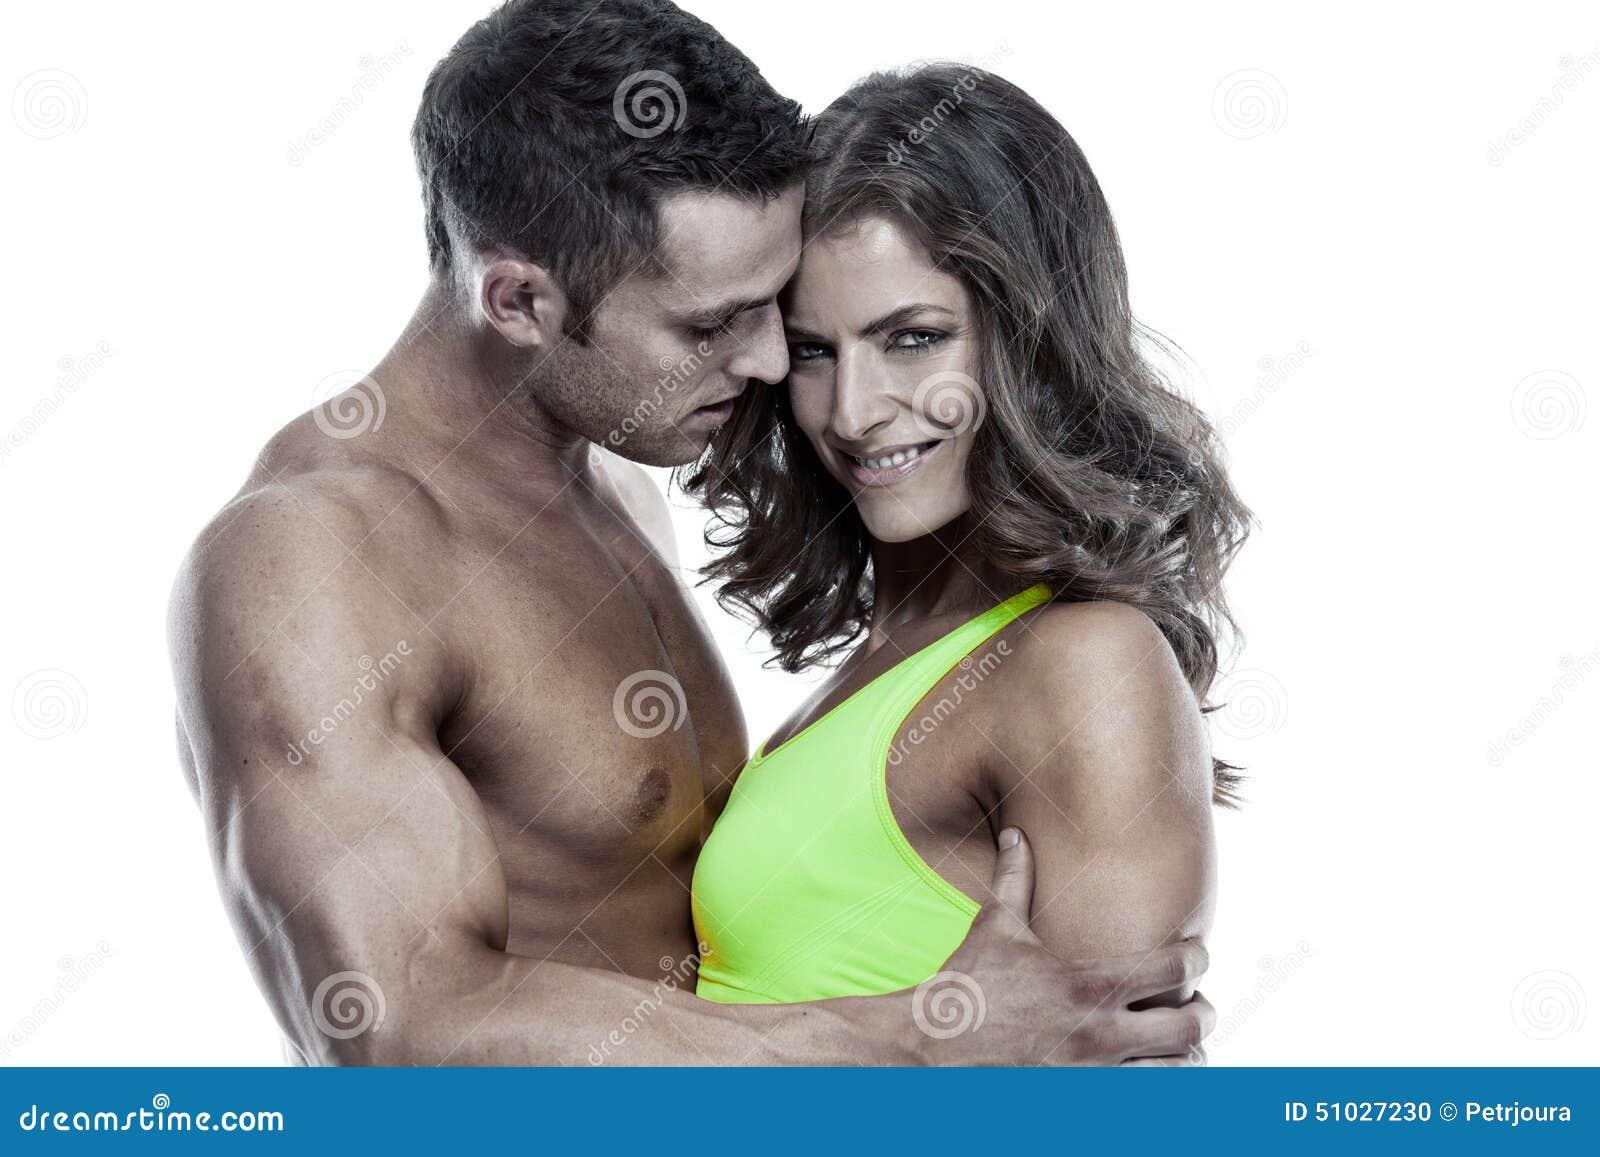 leabi hot sex xxx